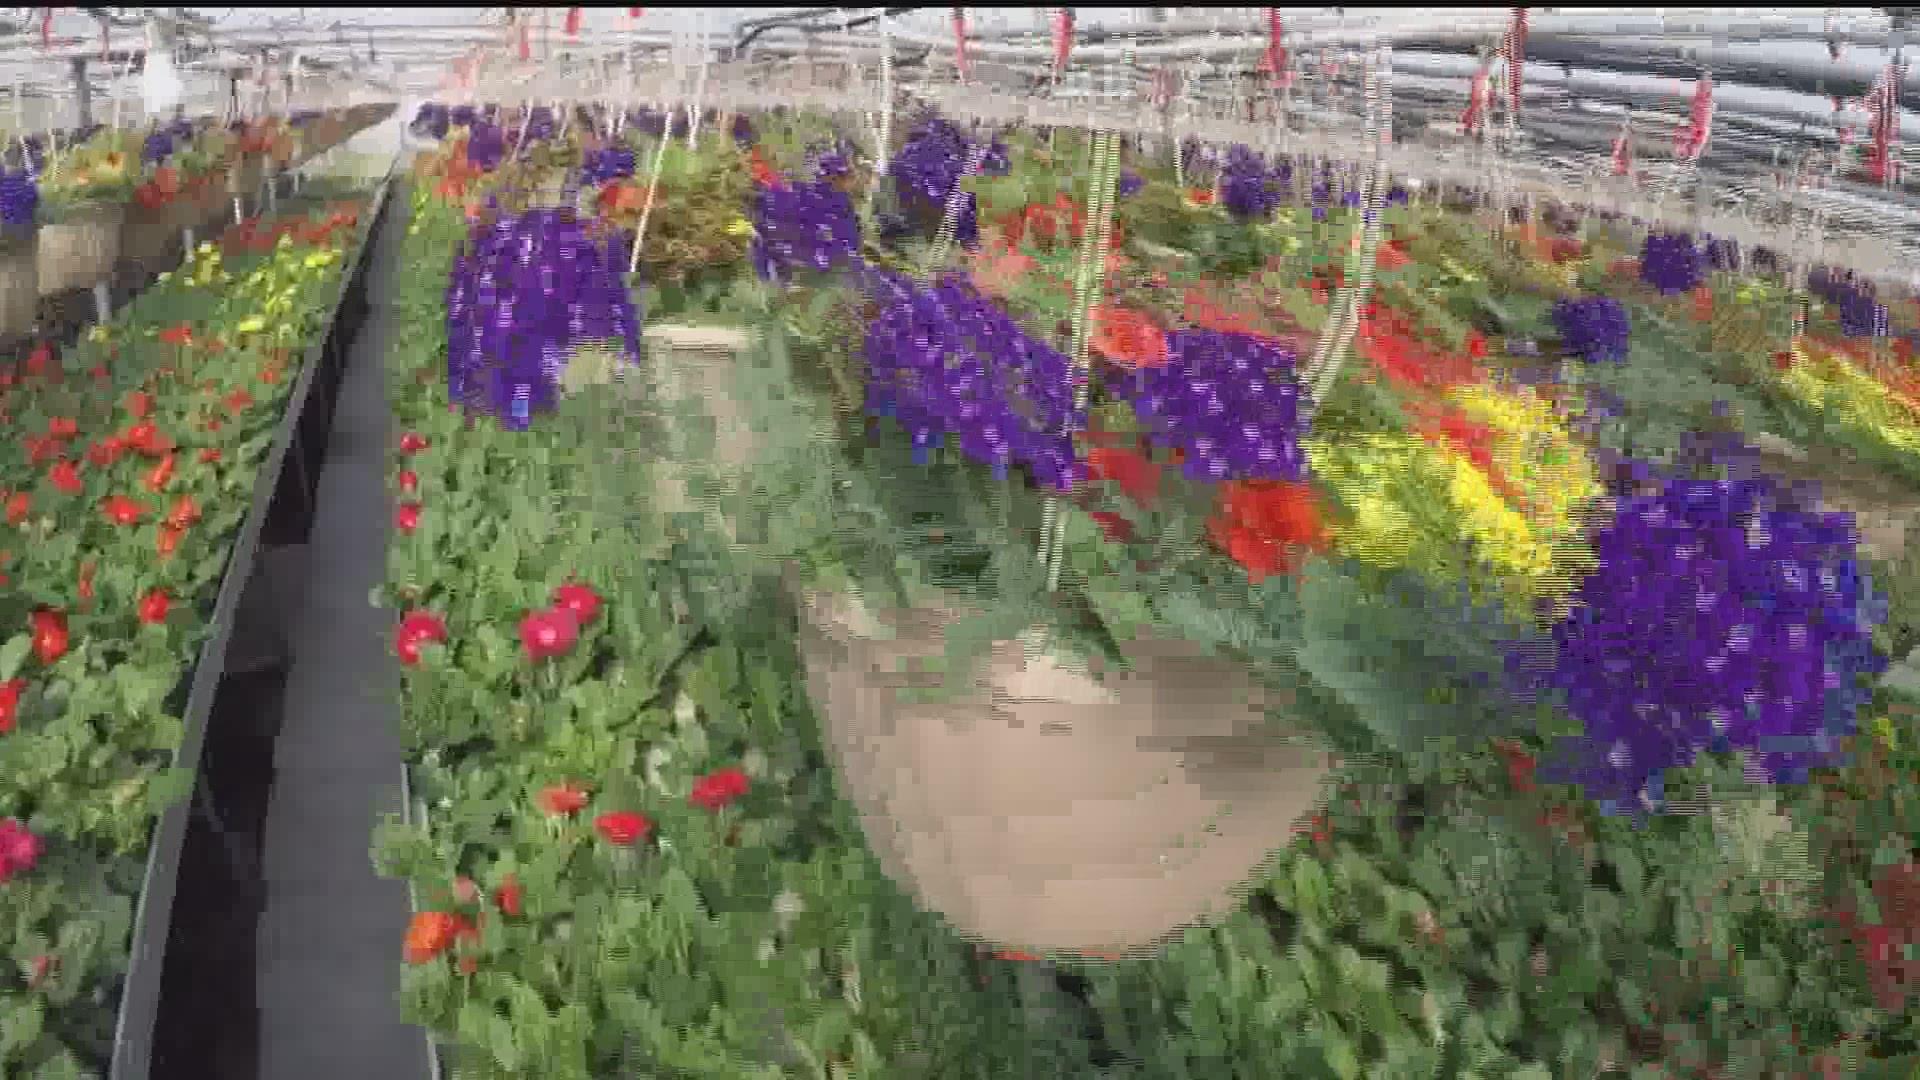 Garden Centers Denied Exemption Waiver Pa Farm Bureau Wants Them